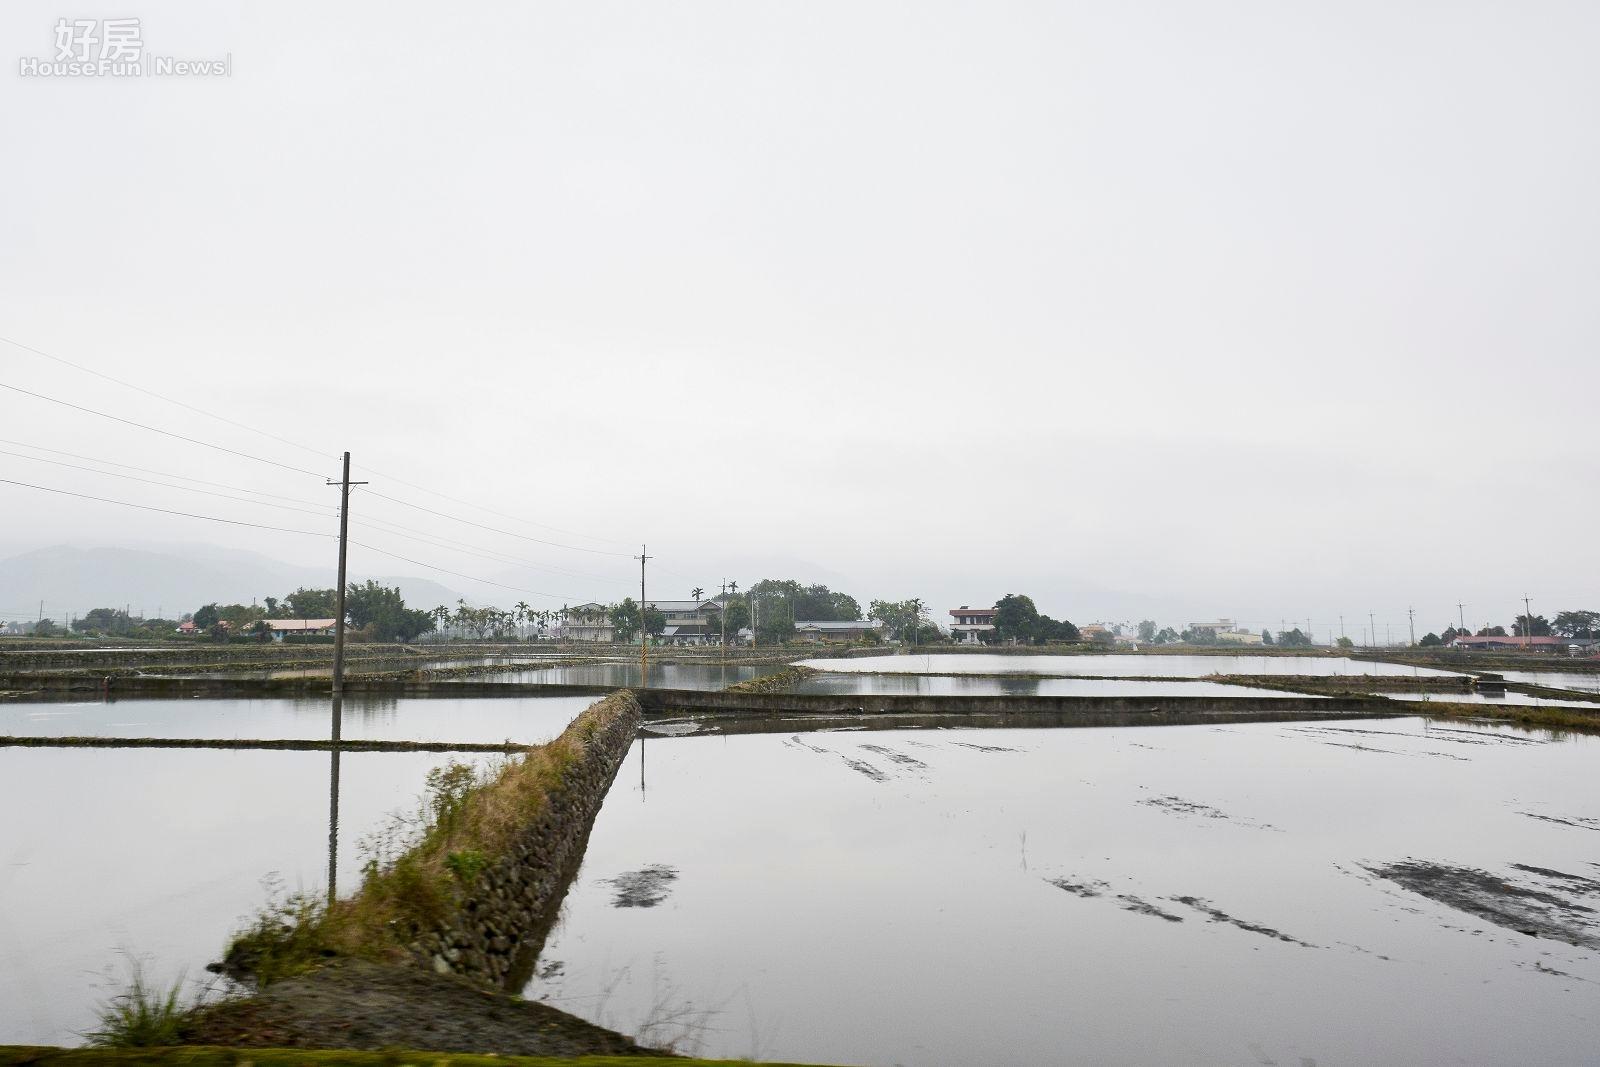 台灣過去以農立國,許多縣市仍有許多稻田產米,供國內人民使用。(好房網News記者 陳韋帆/攝影)